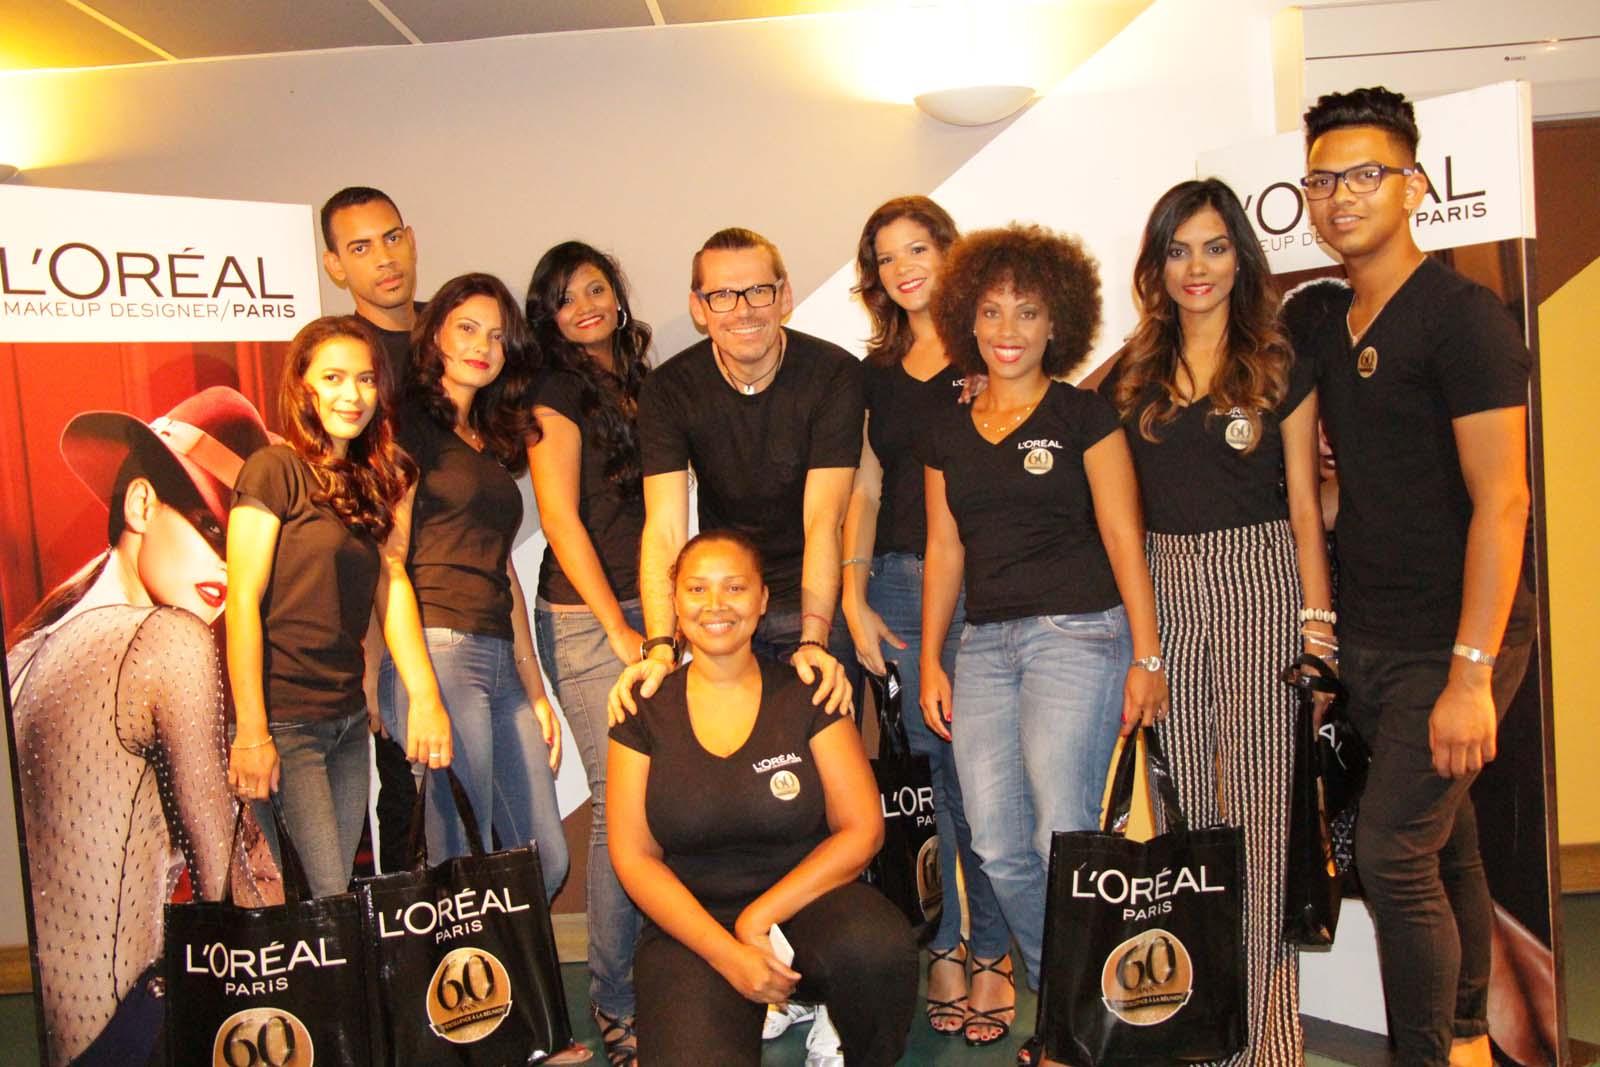 Une journée relooking pour les 6 ambassadrices Réunionnaises de L'Oréal Paris